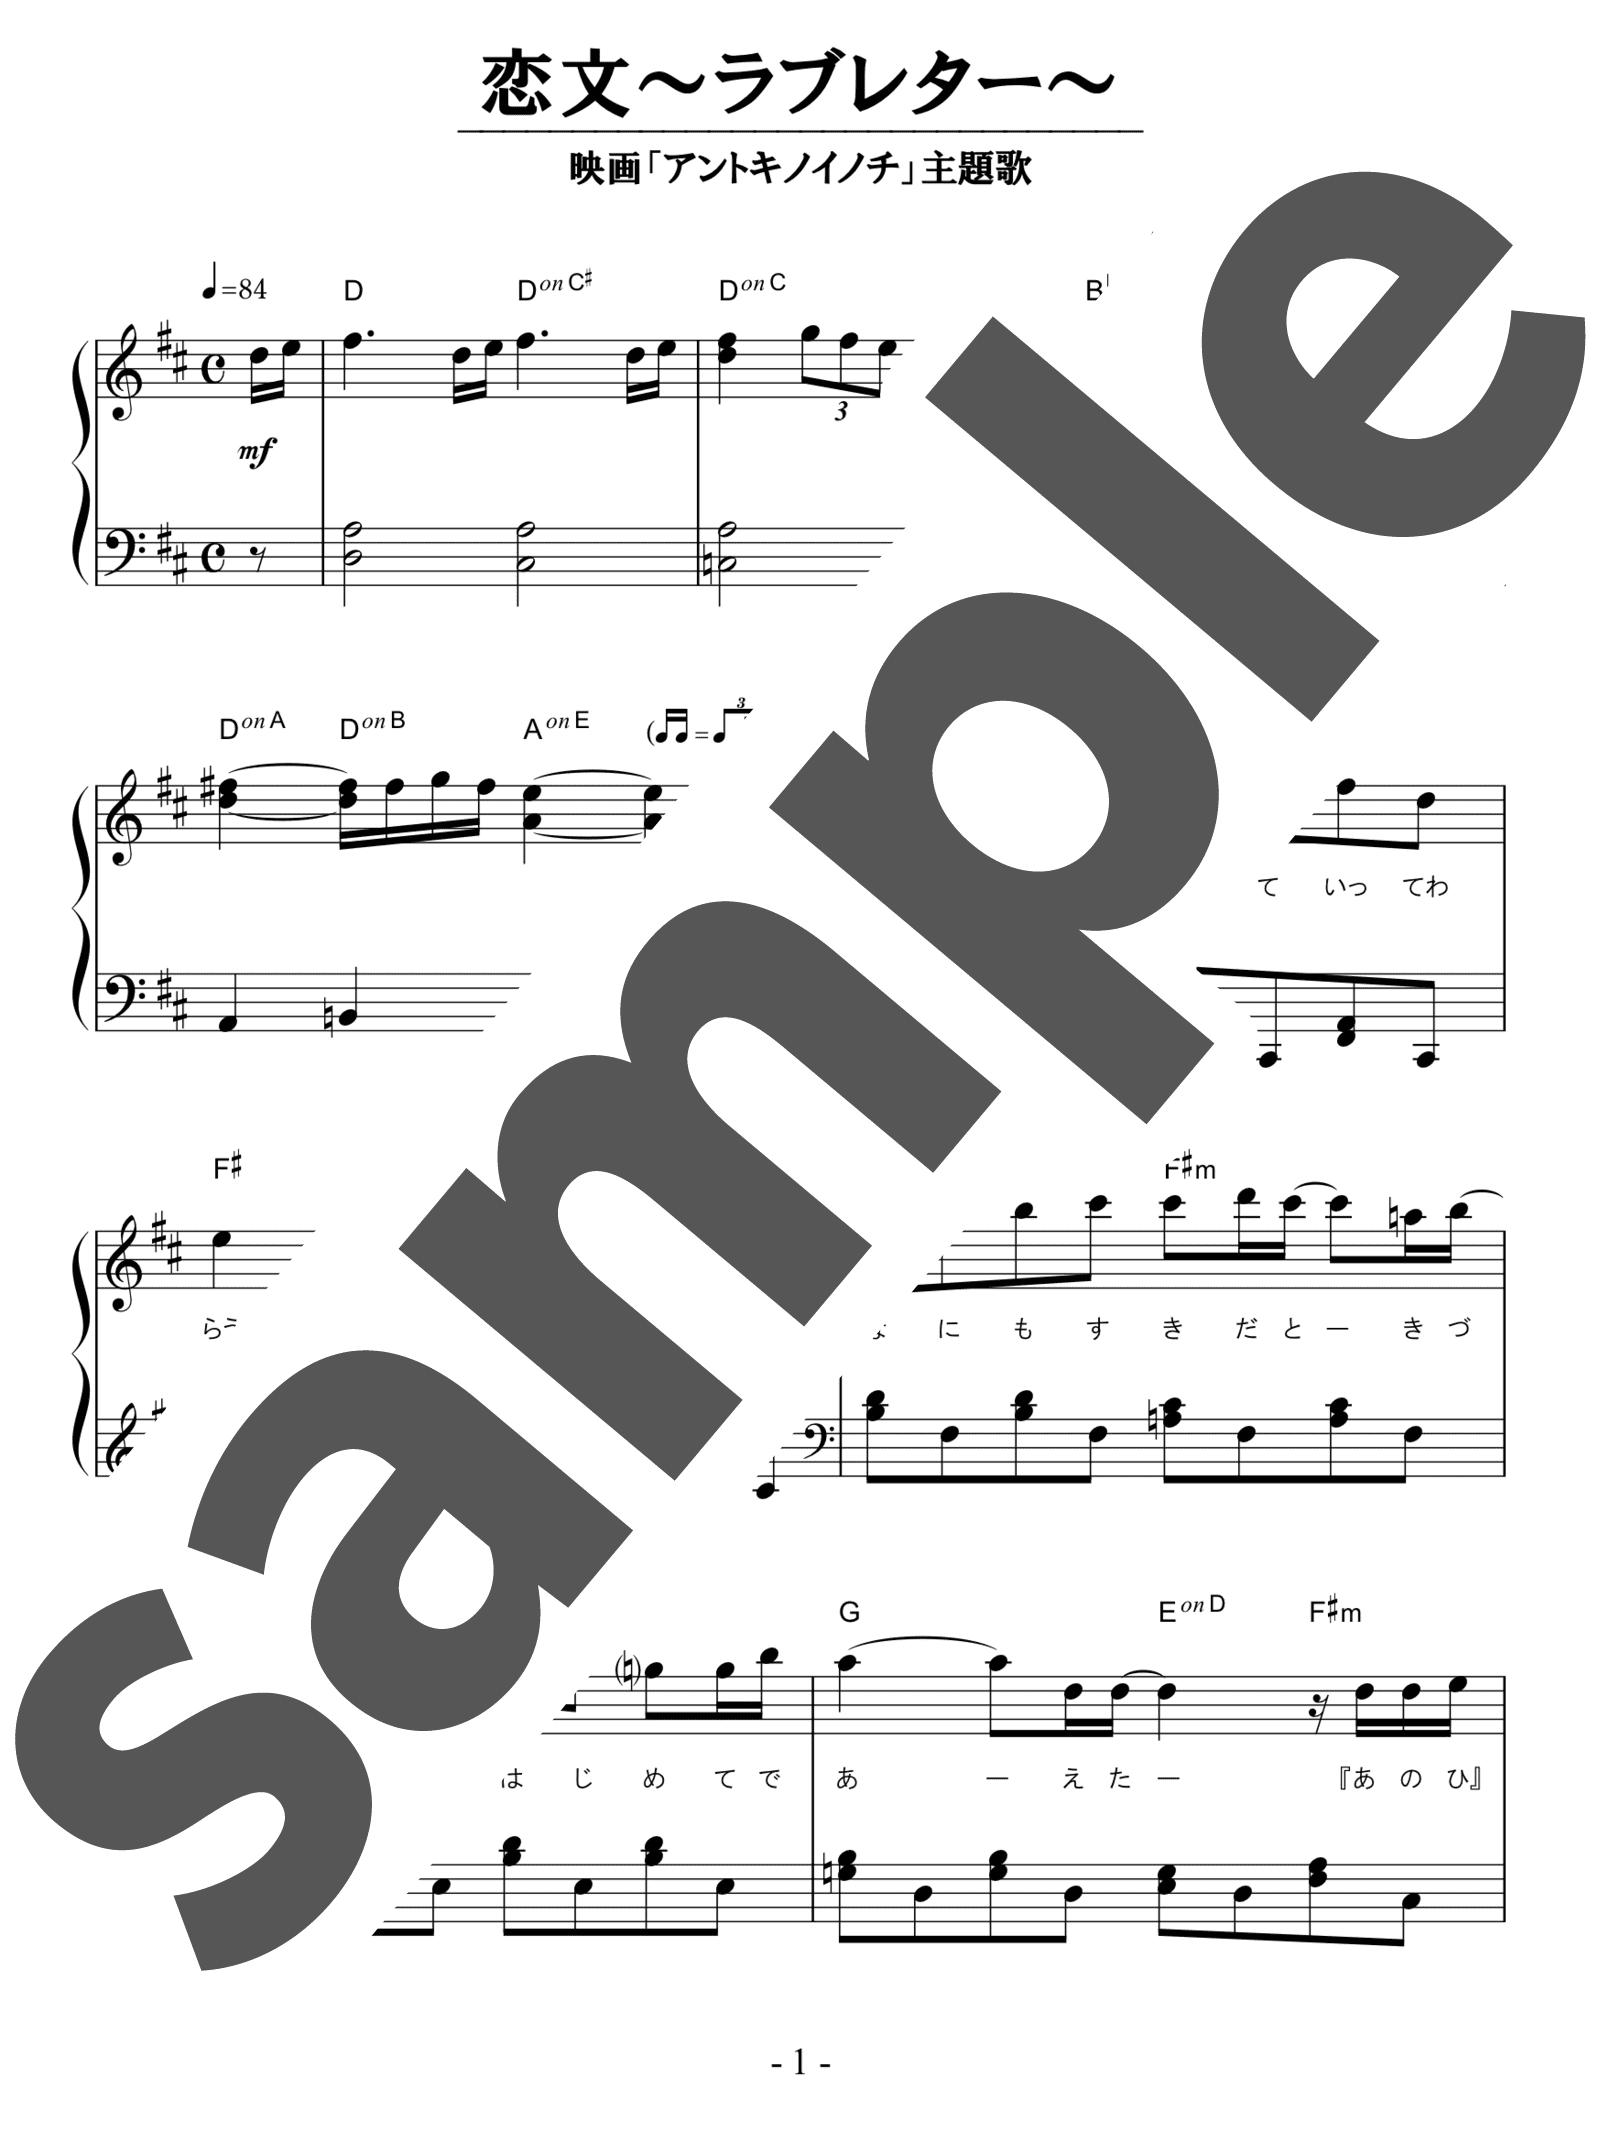 「恋文〜ラブレター〜」のサンプル楽譜